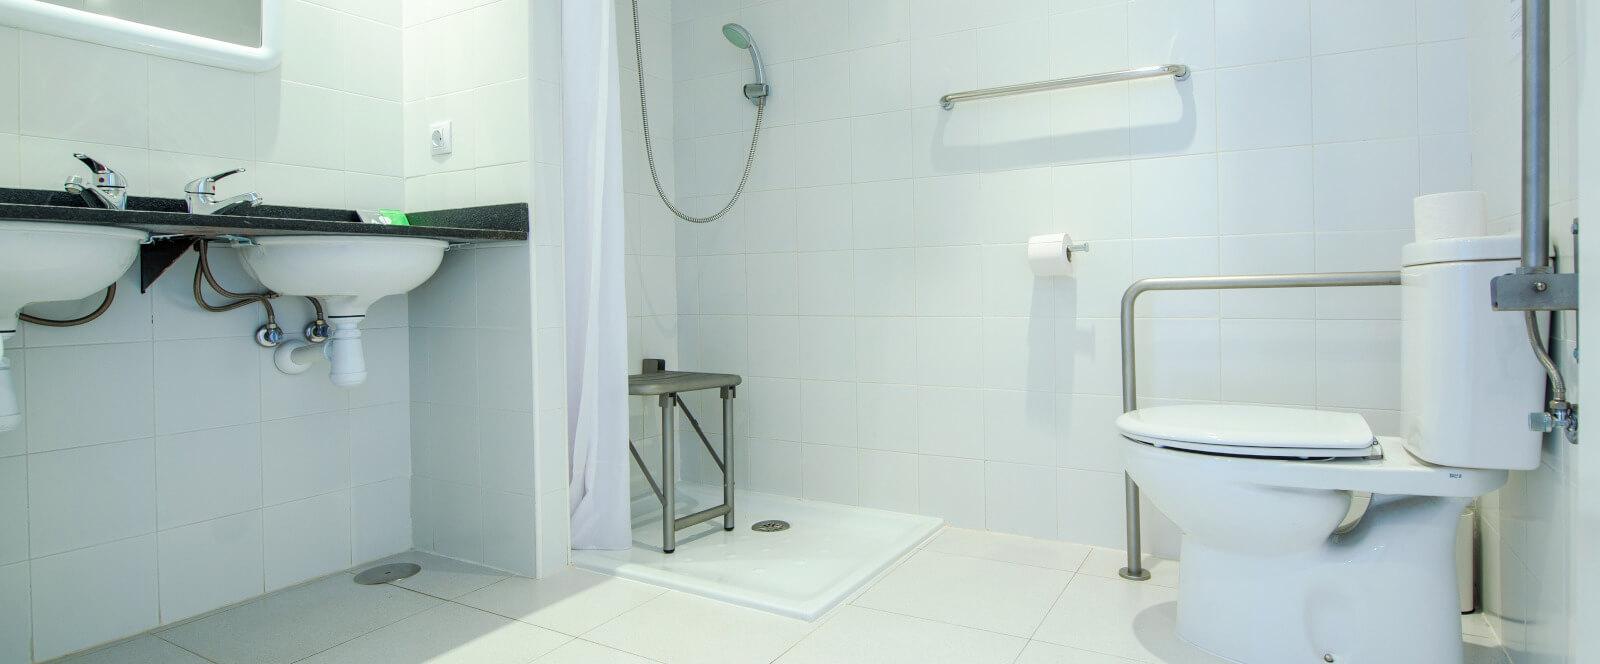 Baño habitación adaptada (2) Campus Cerdanya